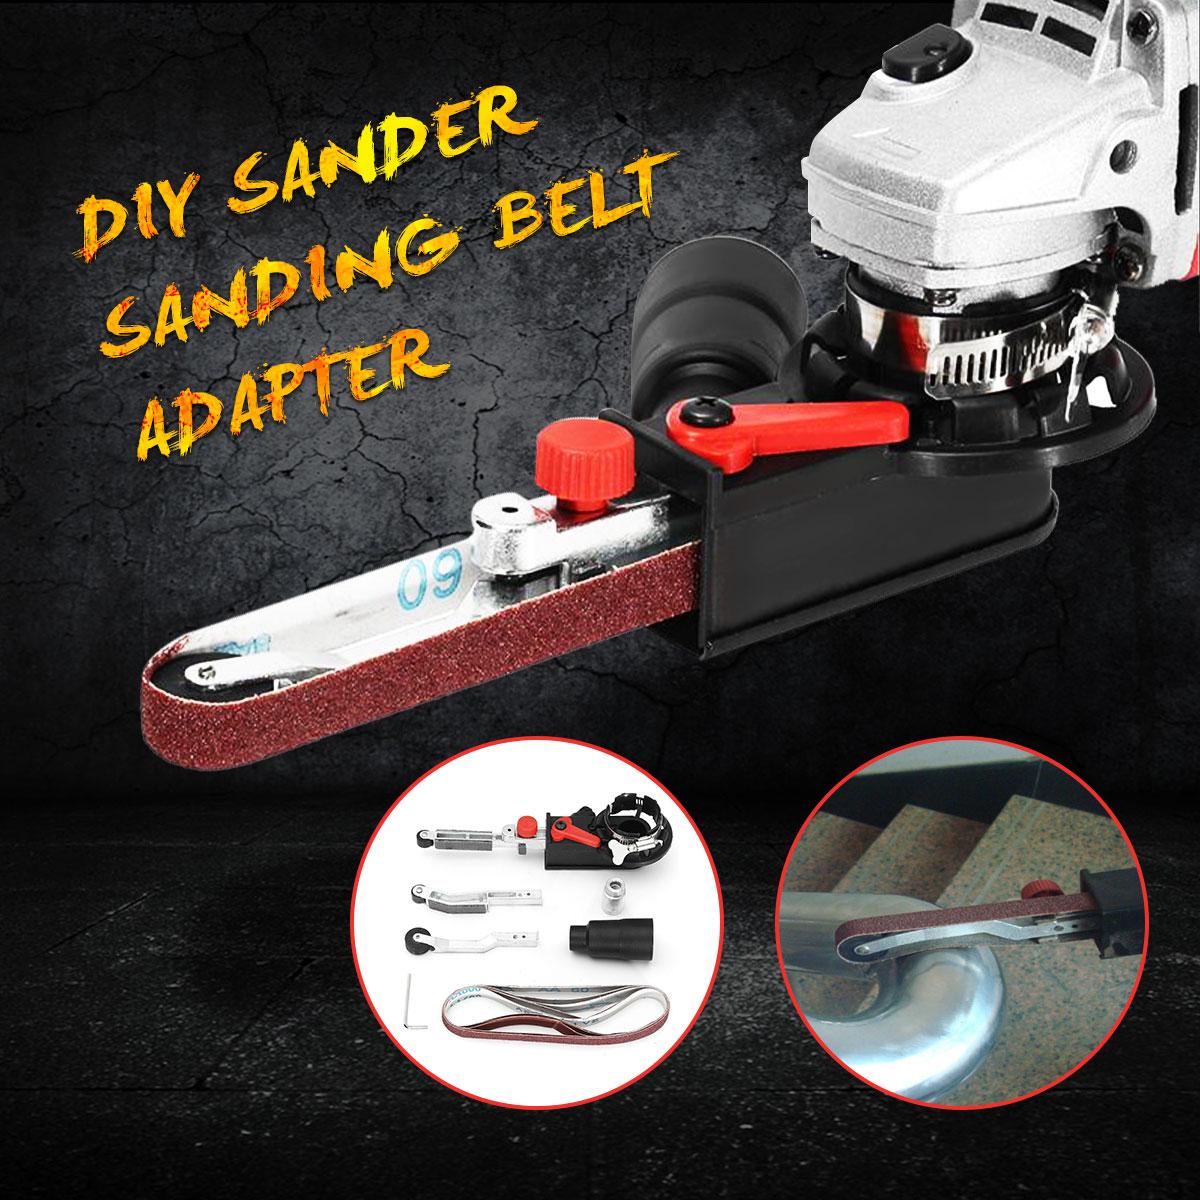 DIY Sander Schleifen Gürtel Adapter Für 115/125 Elektrische Winkel Grinder mit M14 Gewinde Spindel Für holzbearbeitung Metallbearbeitung